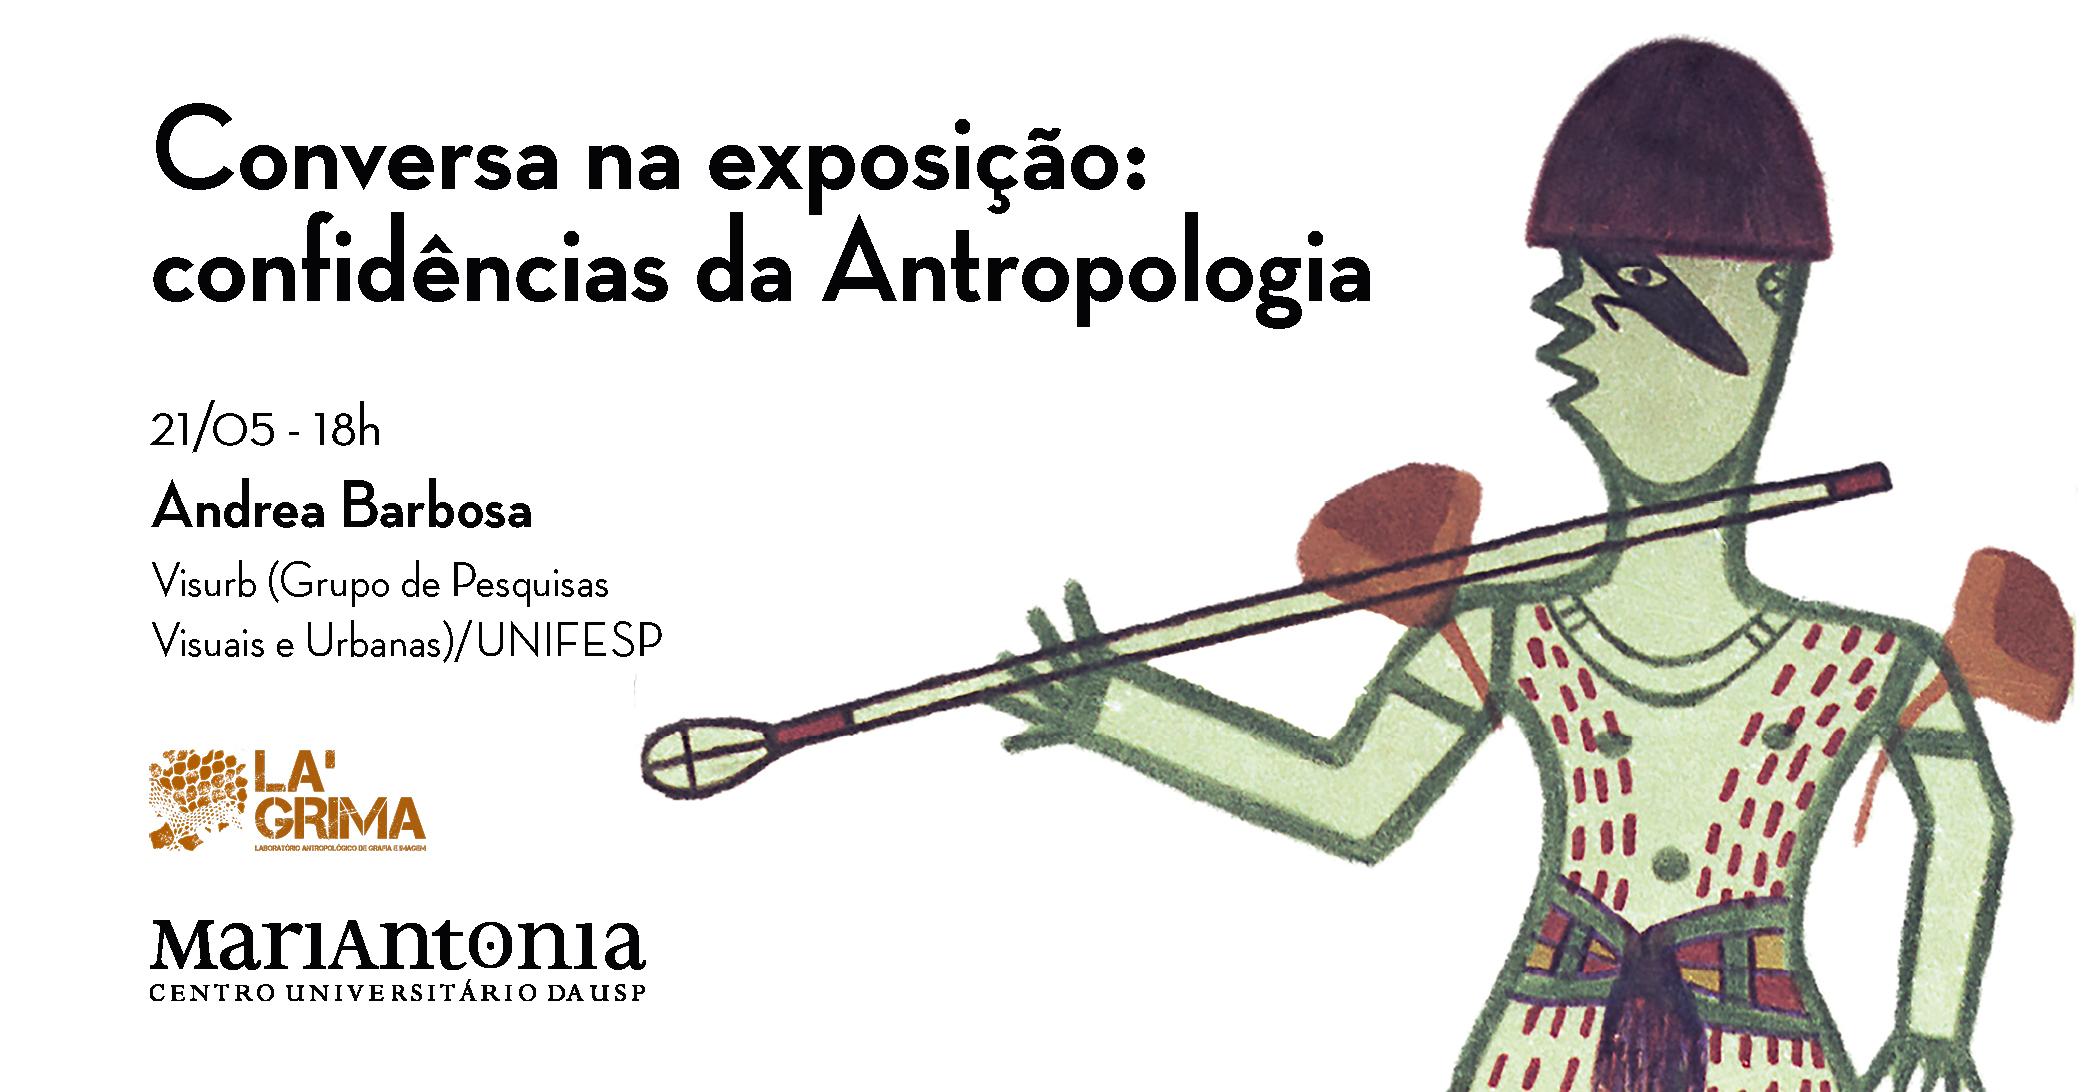 Conversa na exposição recebe a antropóloga Andrea Barbosa